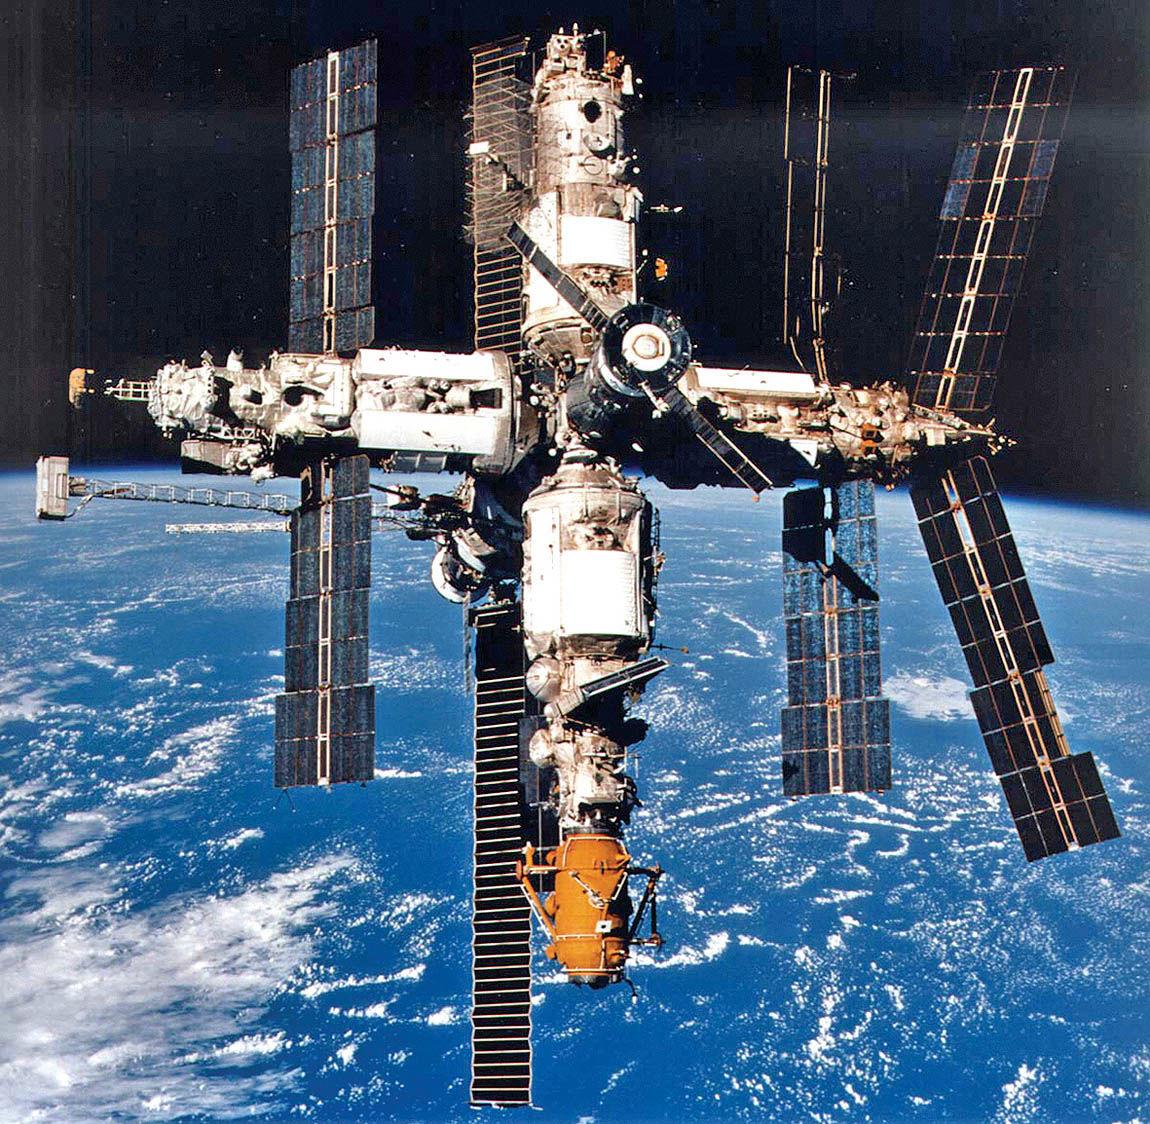 ایستگاه میر، یک شاهکار علمی